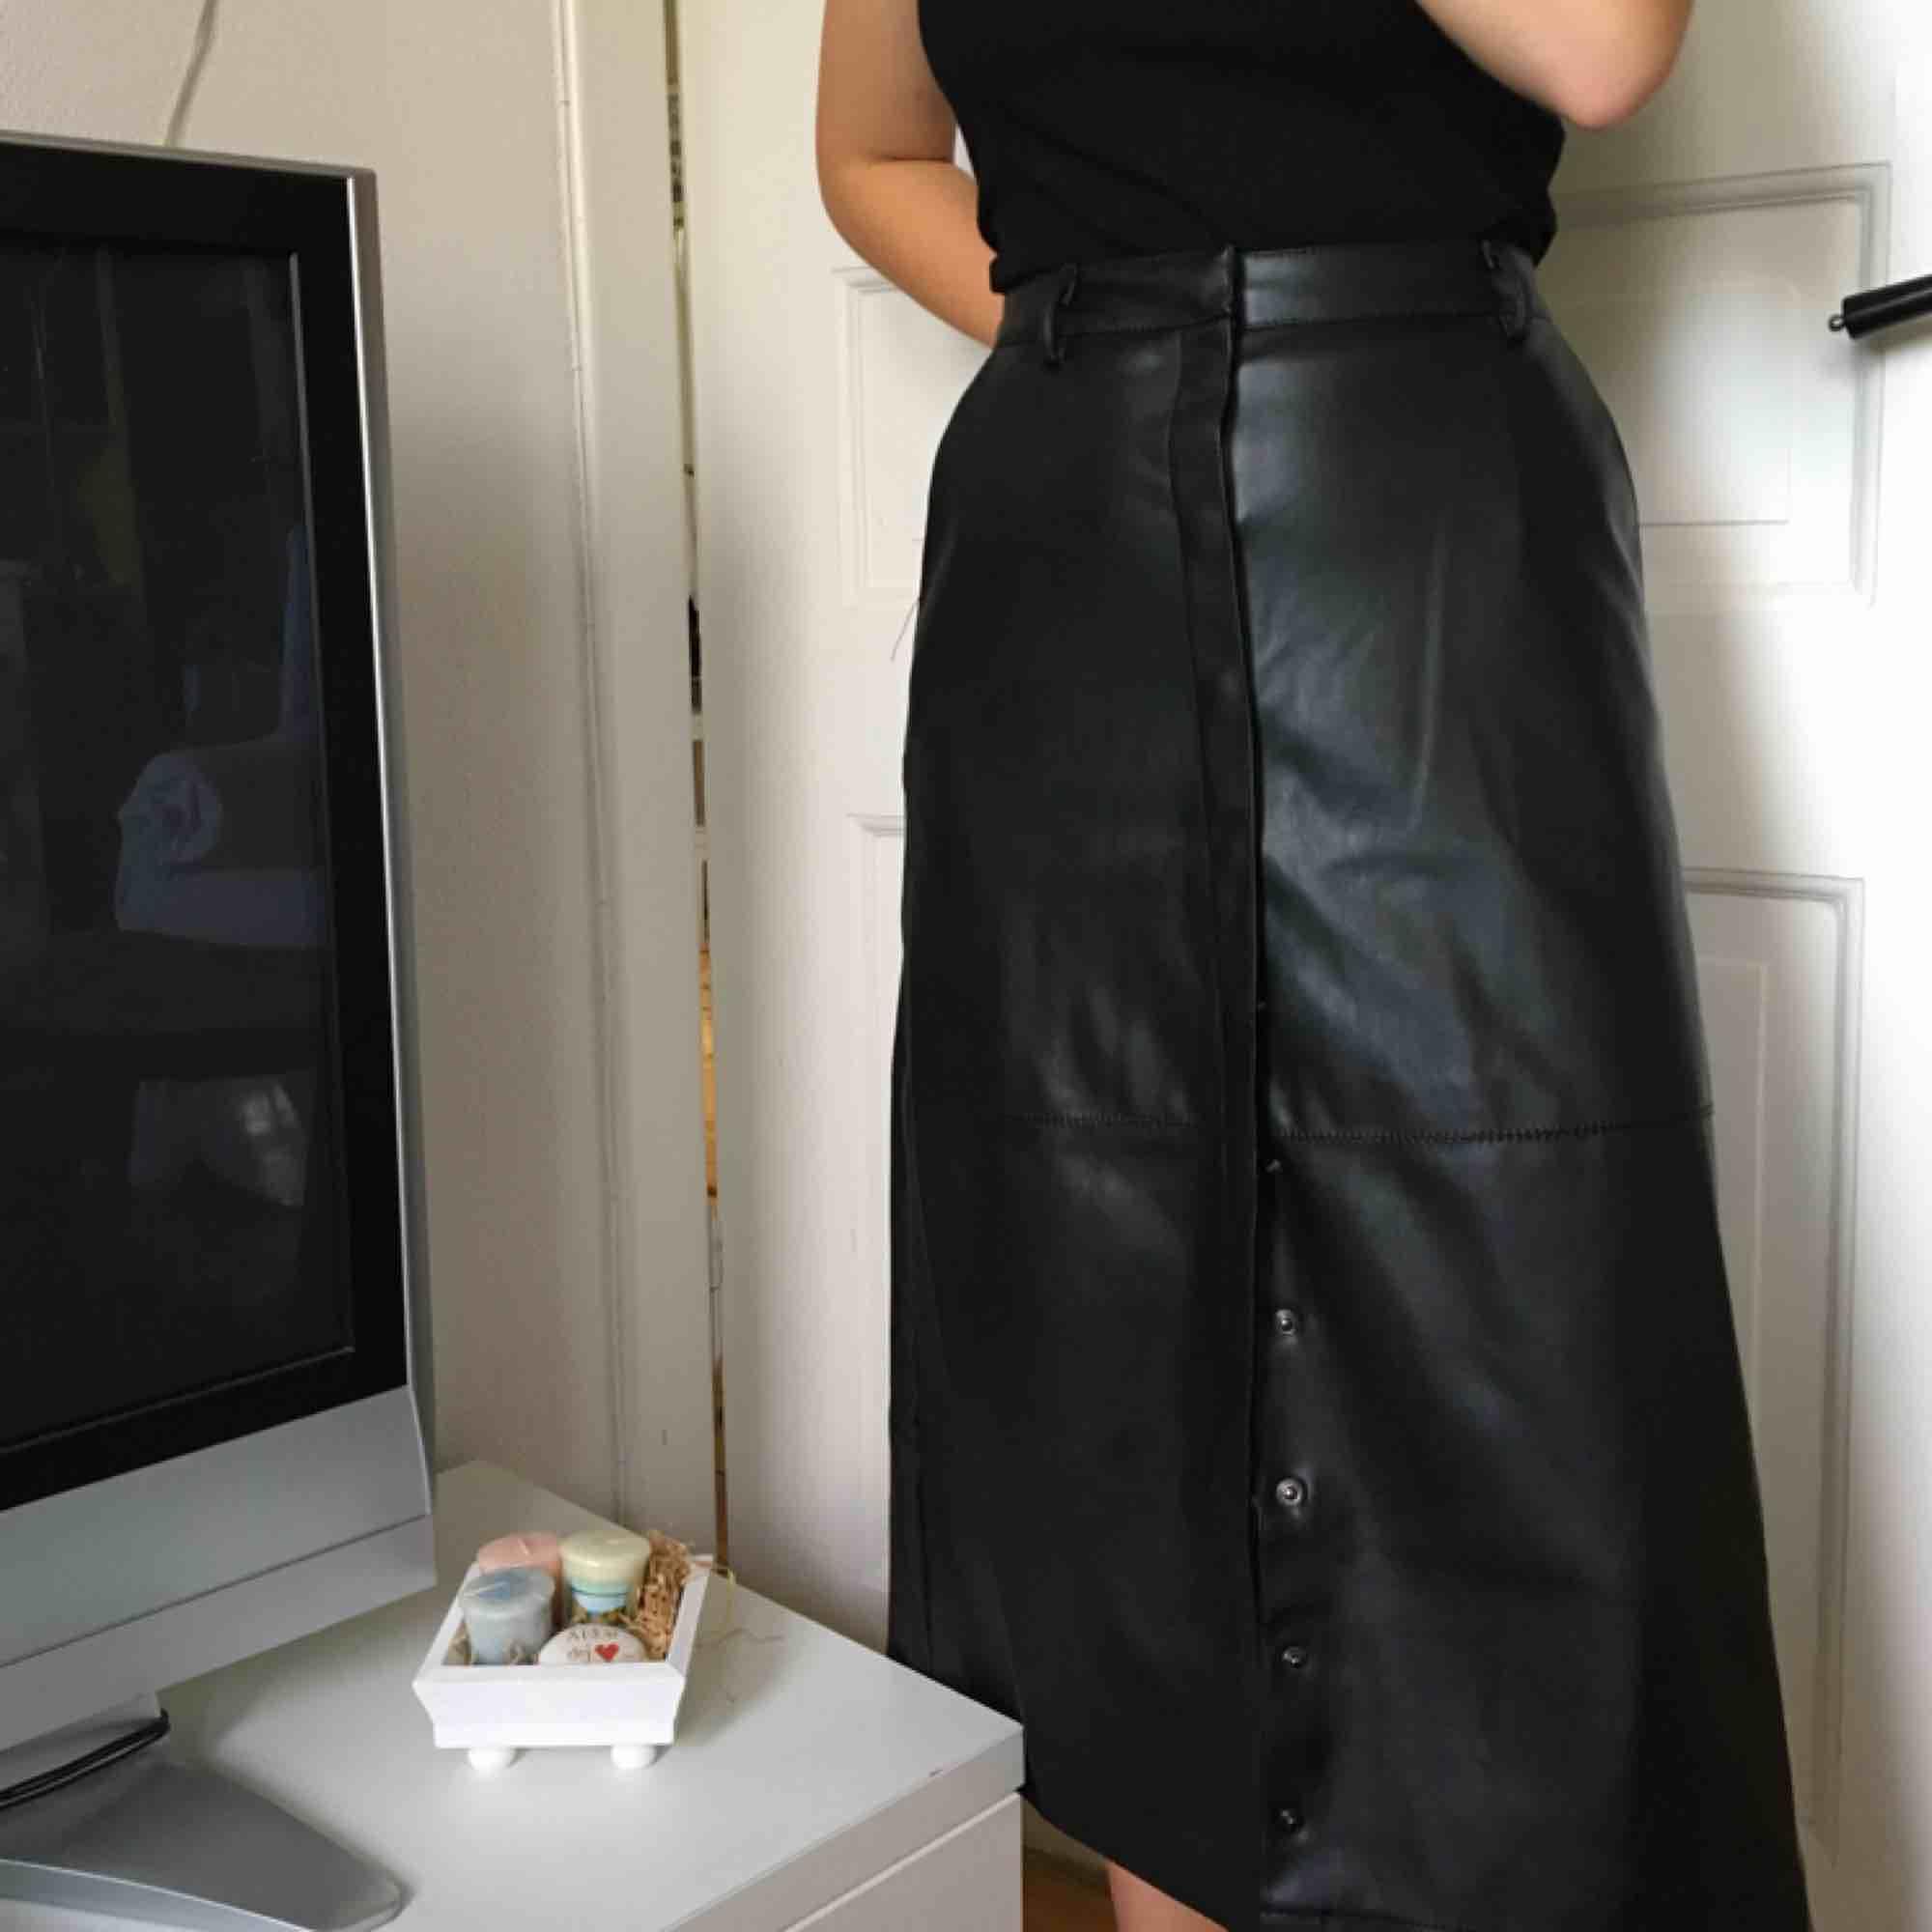 jättesnygg läderkjol (inte äkta såklart) från nakd!💖 endast testad och nypris 700kr. Kjolar.